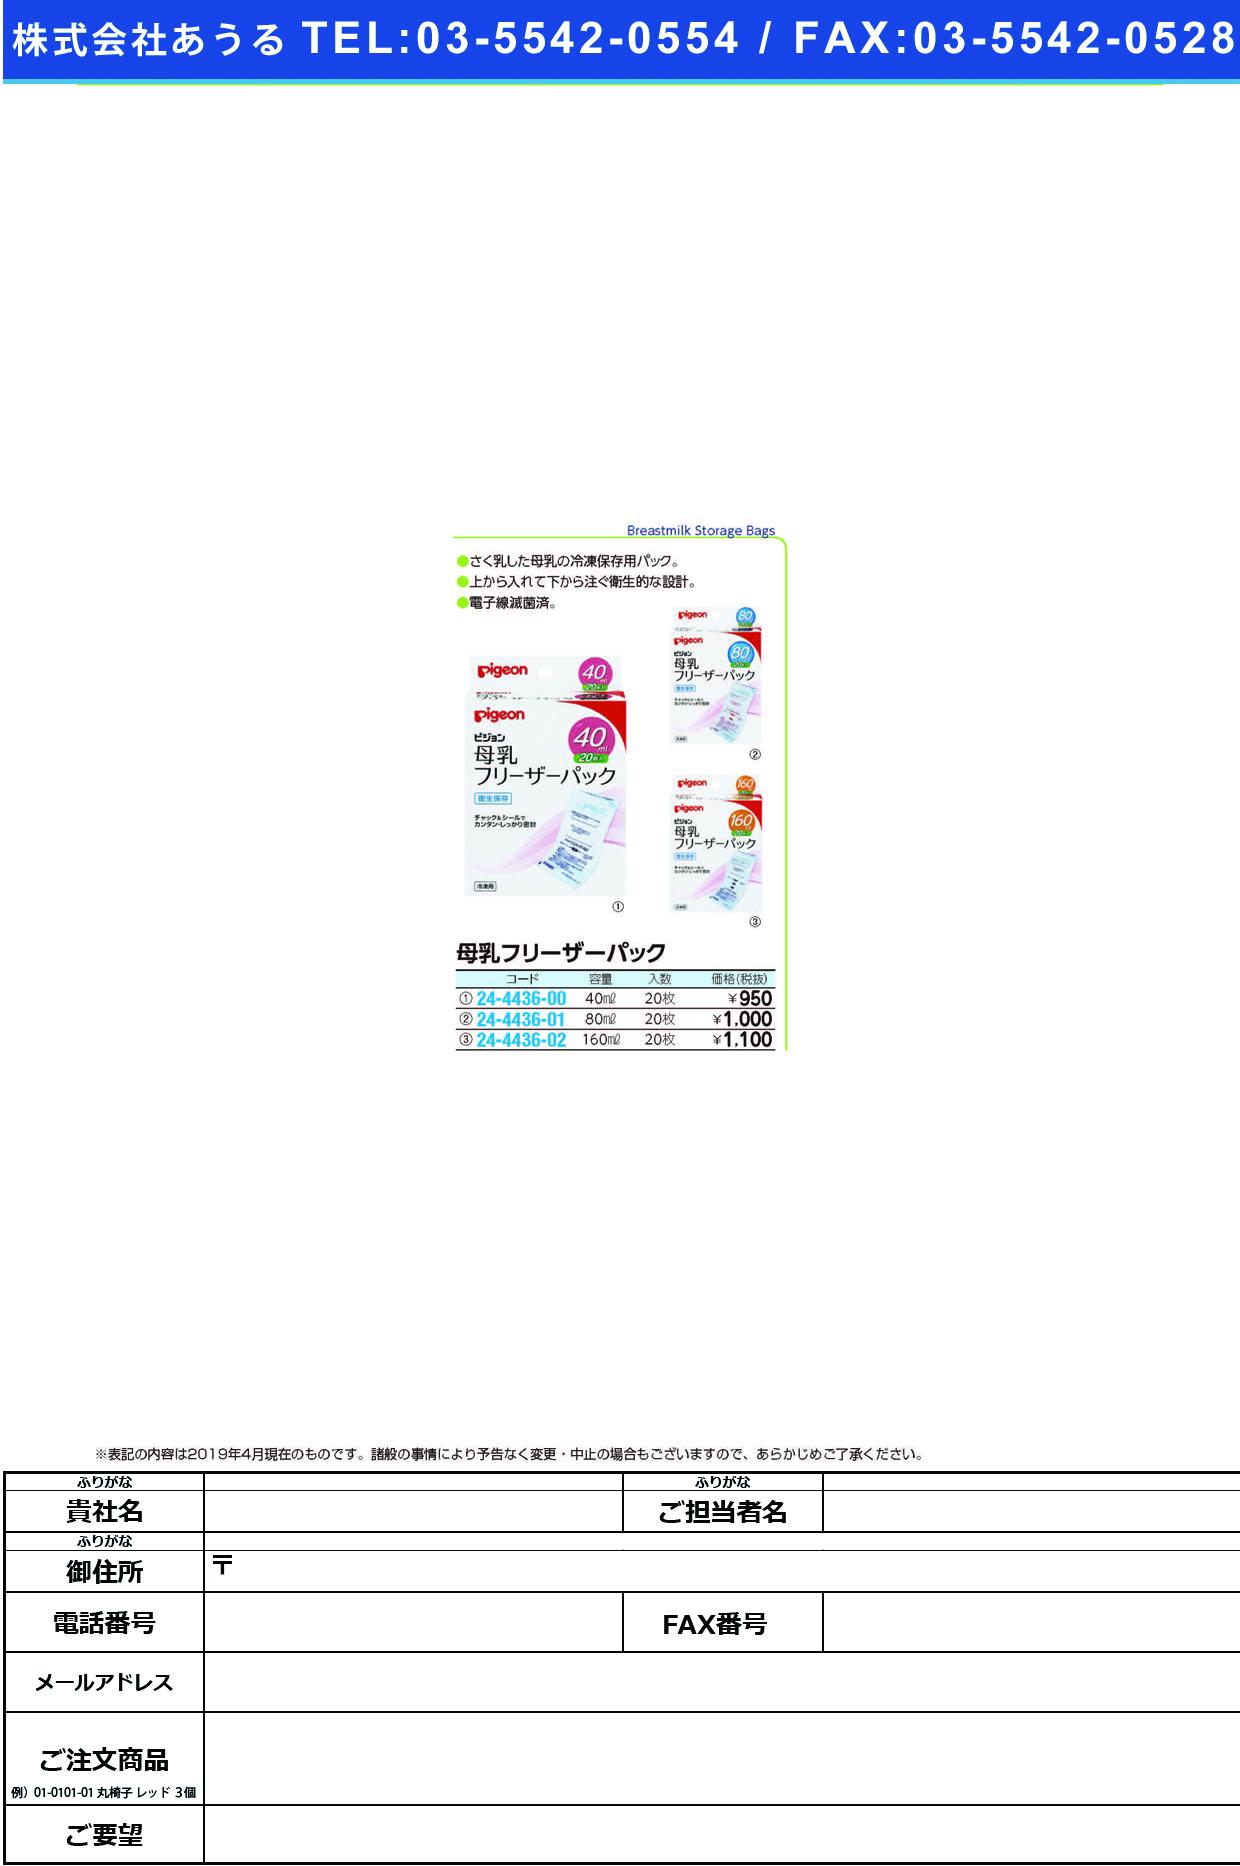 (24-4436-01)母乳フリーザーパック 16262(80ML)20マイイリ ボニュウフリーザーパック(ピジョン)【1個単位】【2019年カタログ商品】